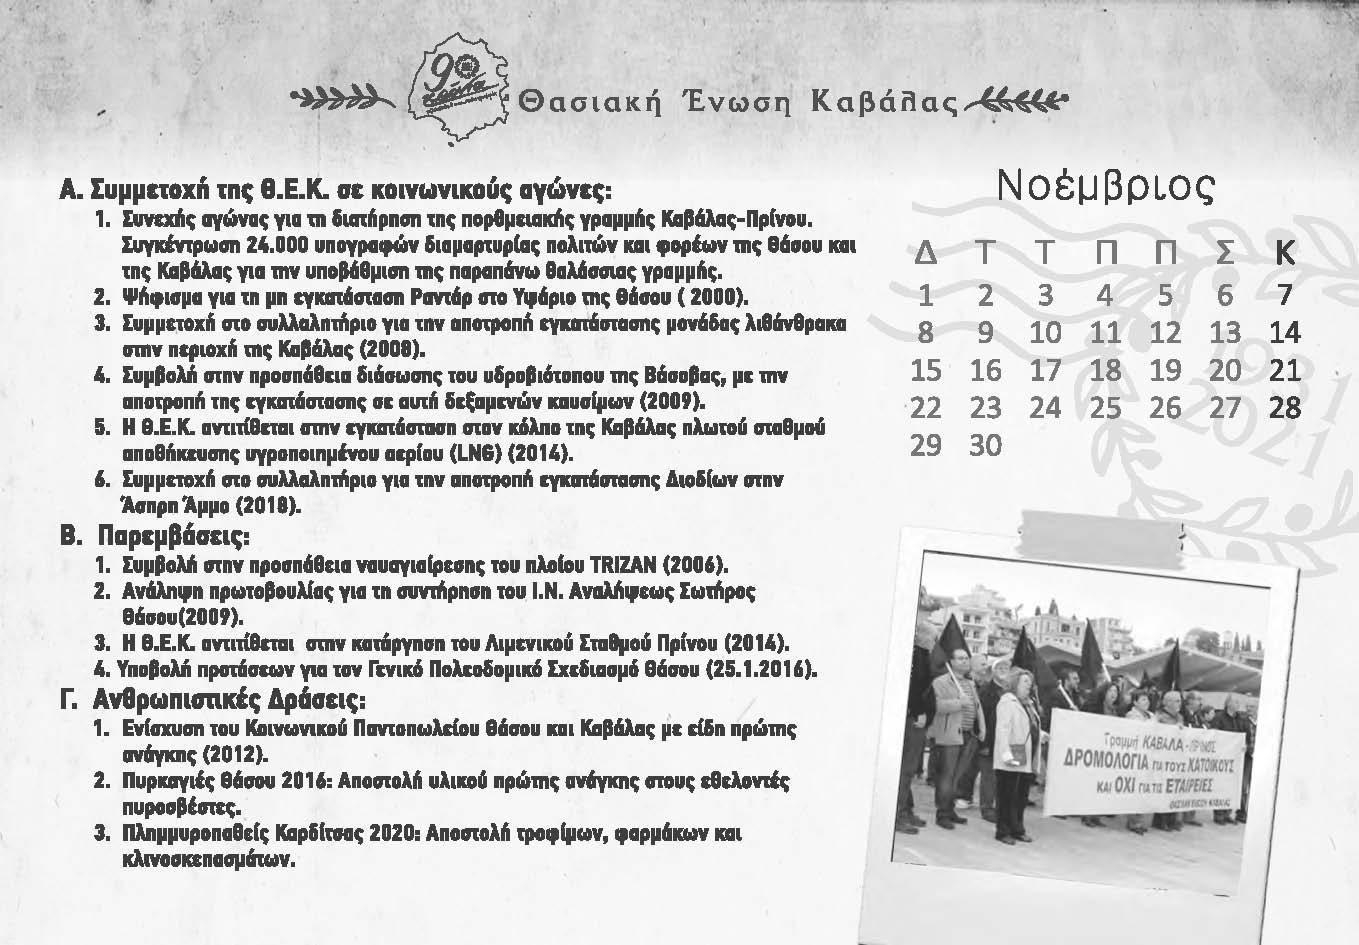 Ημερολόγιο 2021 web_Page_26